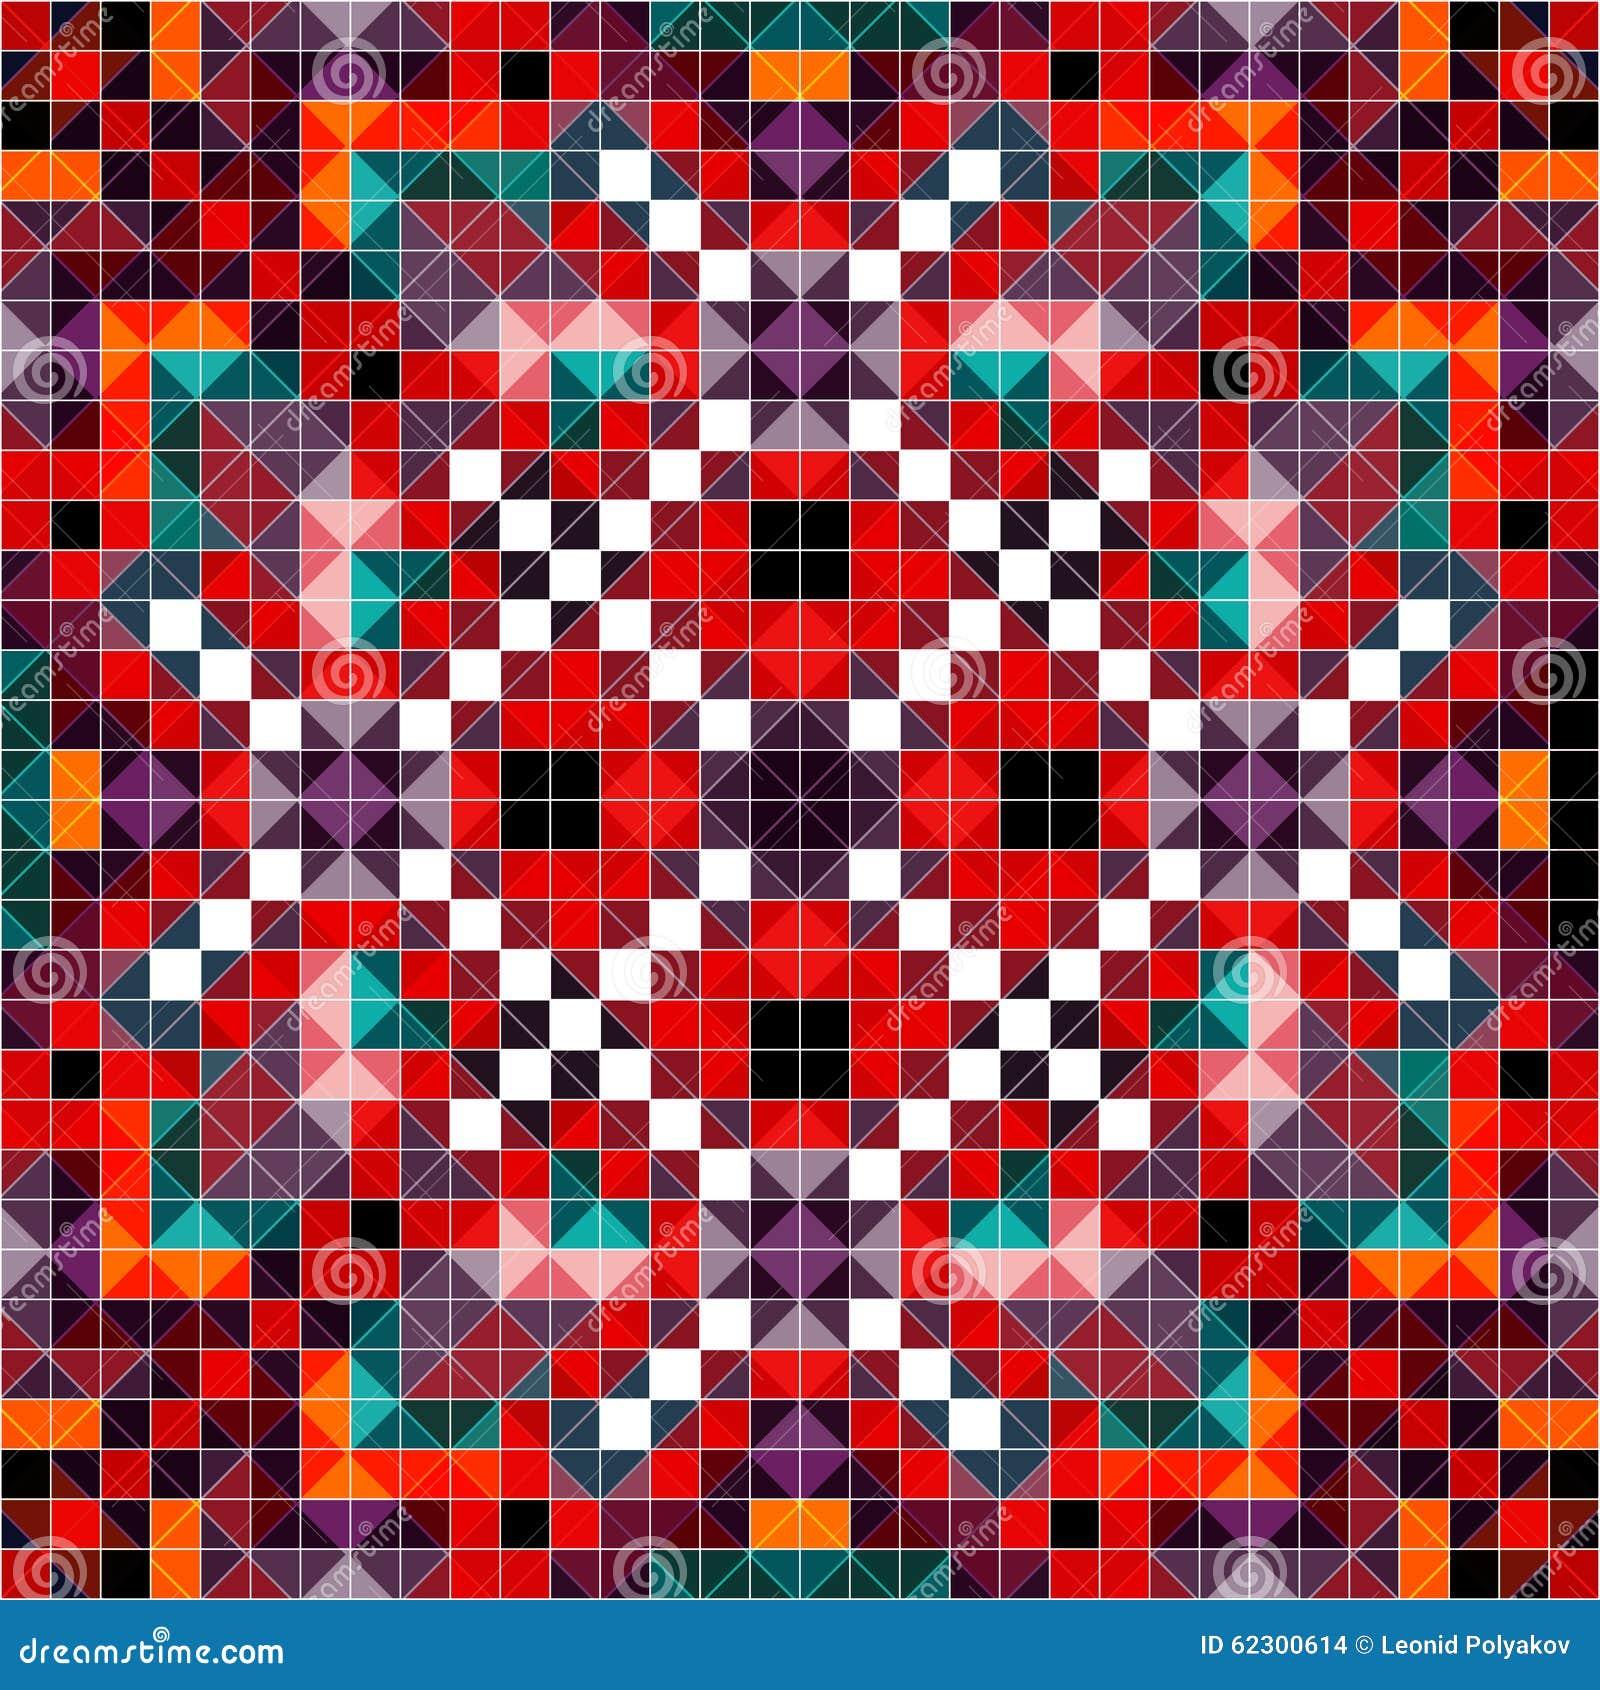 Gekleurd pixelpatroon in retro stijl vectorillustratie